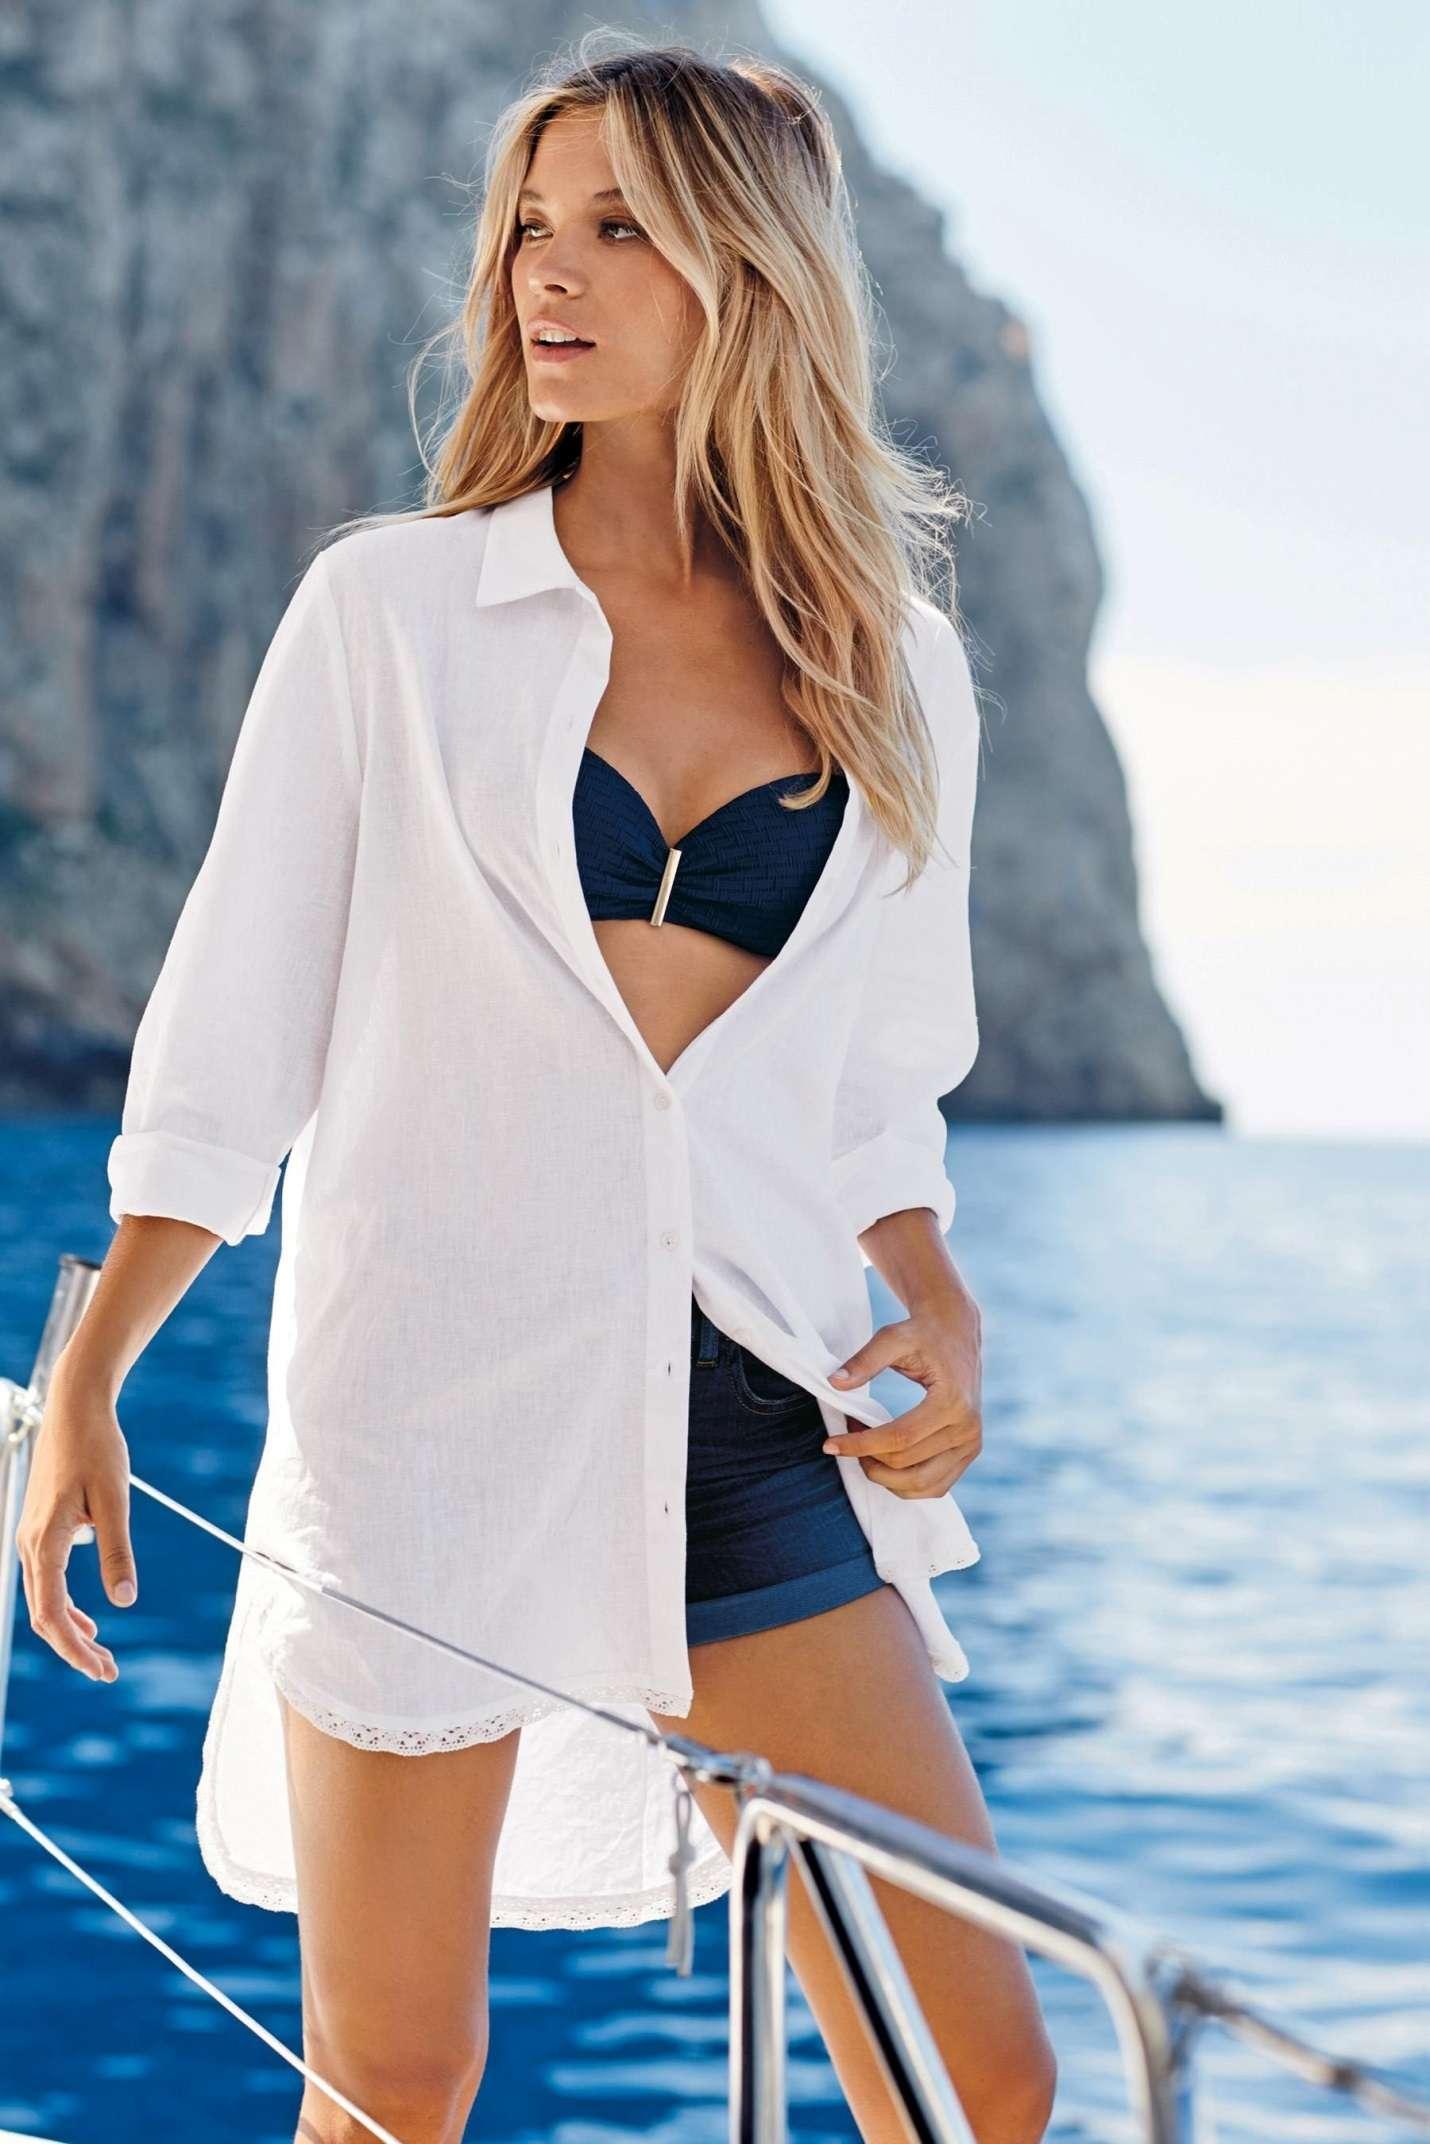 Khi không tự tin vì bikini quá hở, bạn có thể chọn somi dáng rộng khoác bên ngoài